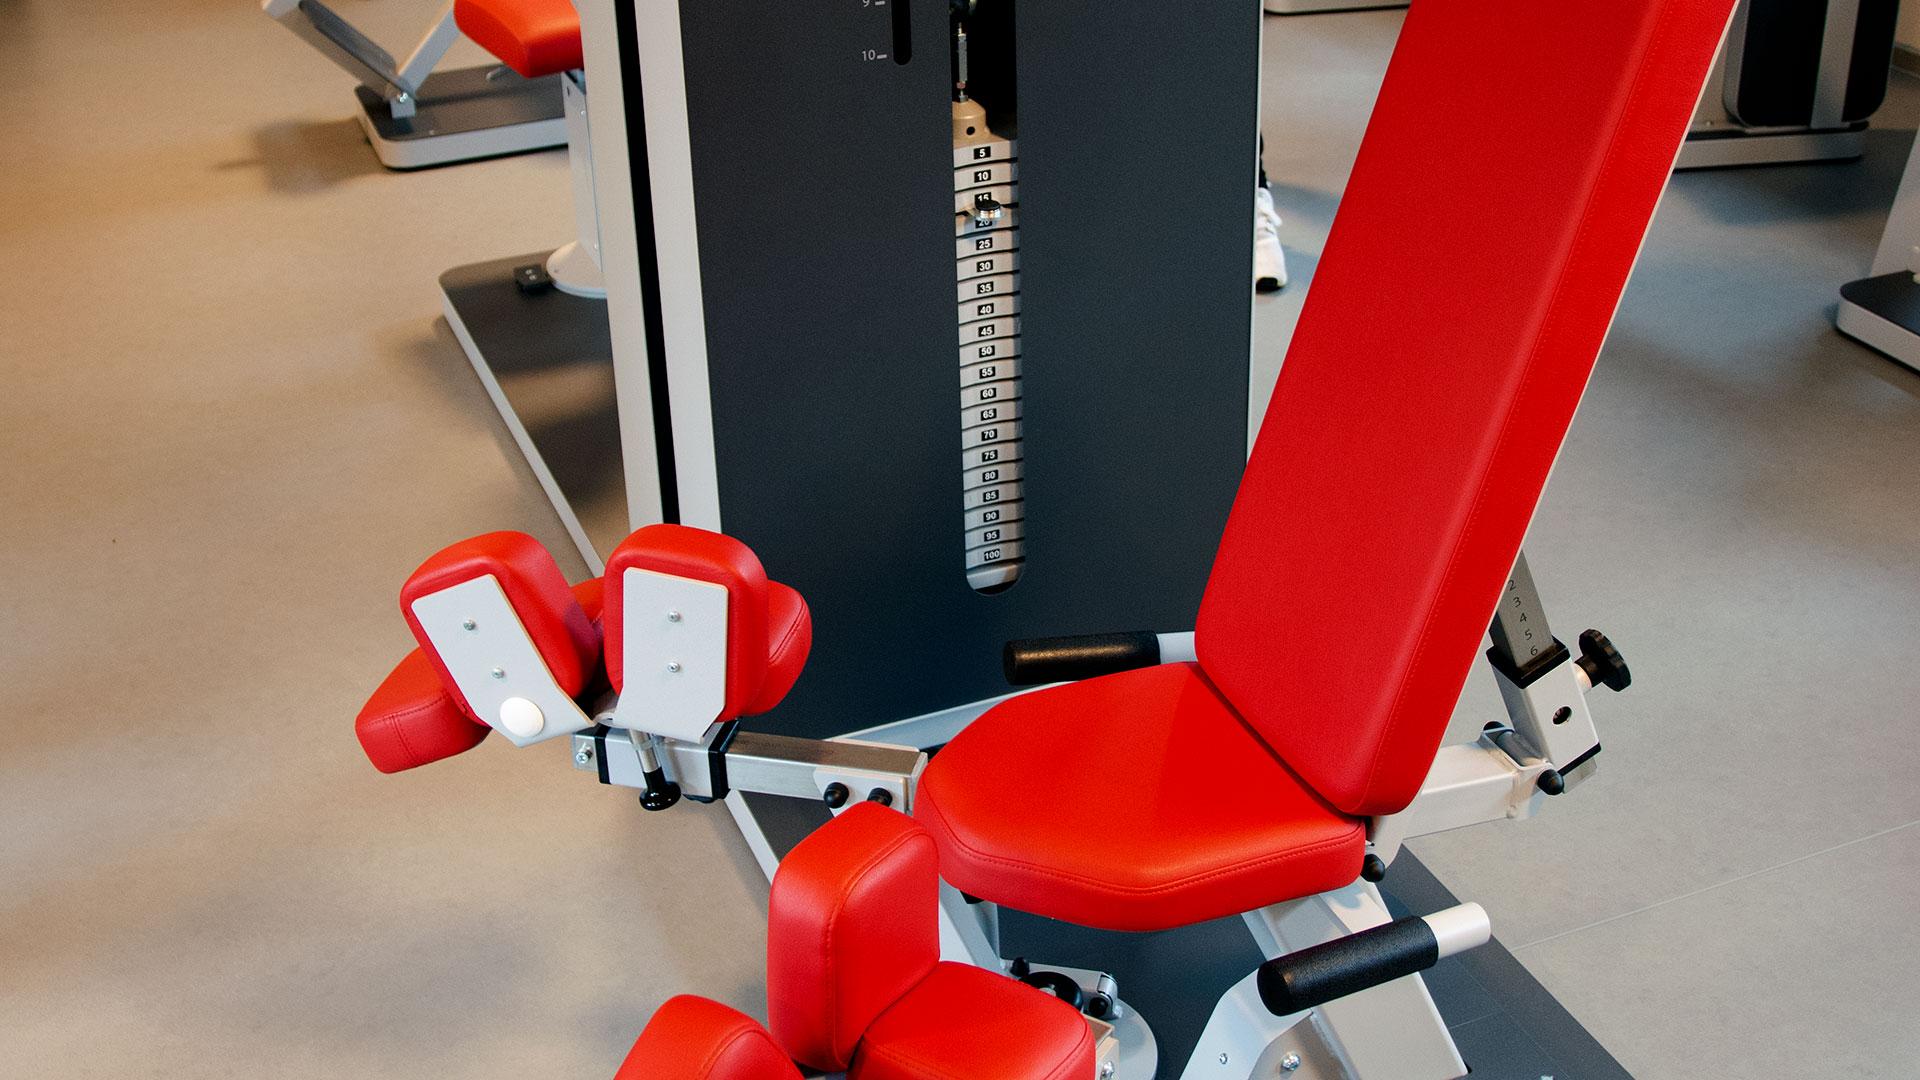 rhoenfit_fitnessstudio_geraete_bertsch_020319_03